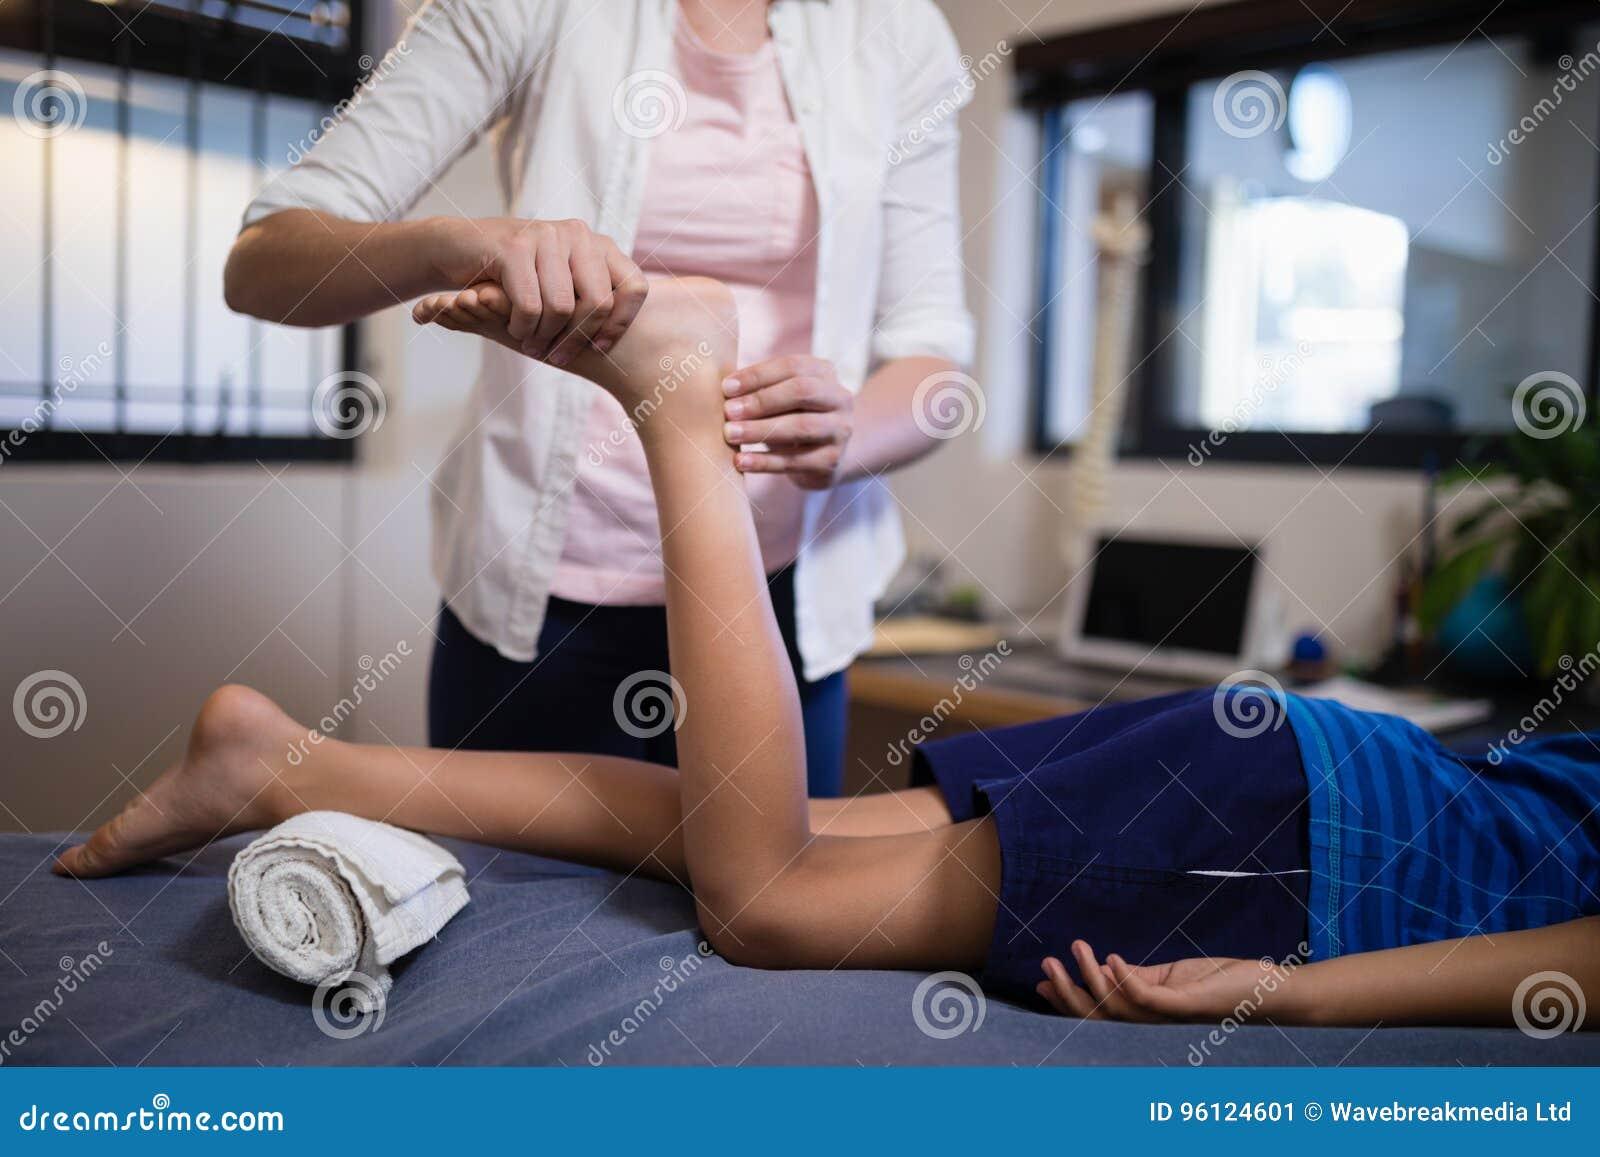 Niska sekcja chłopiec odbiorczy nożny masaż od młodego żeńskiego terapeuta